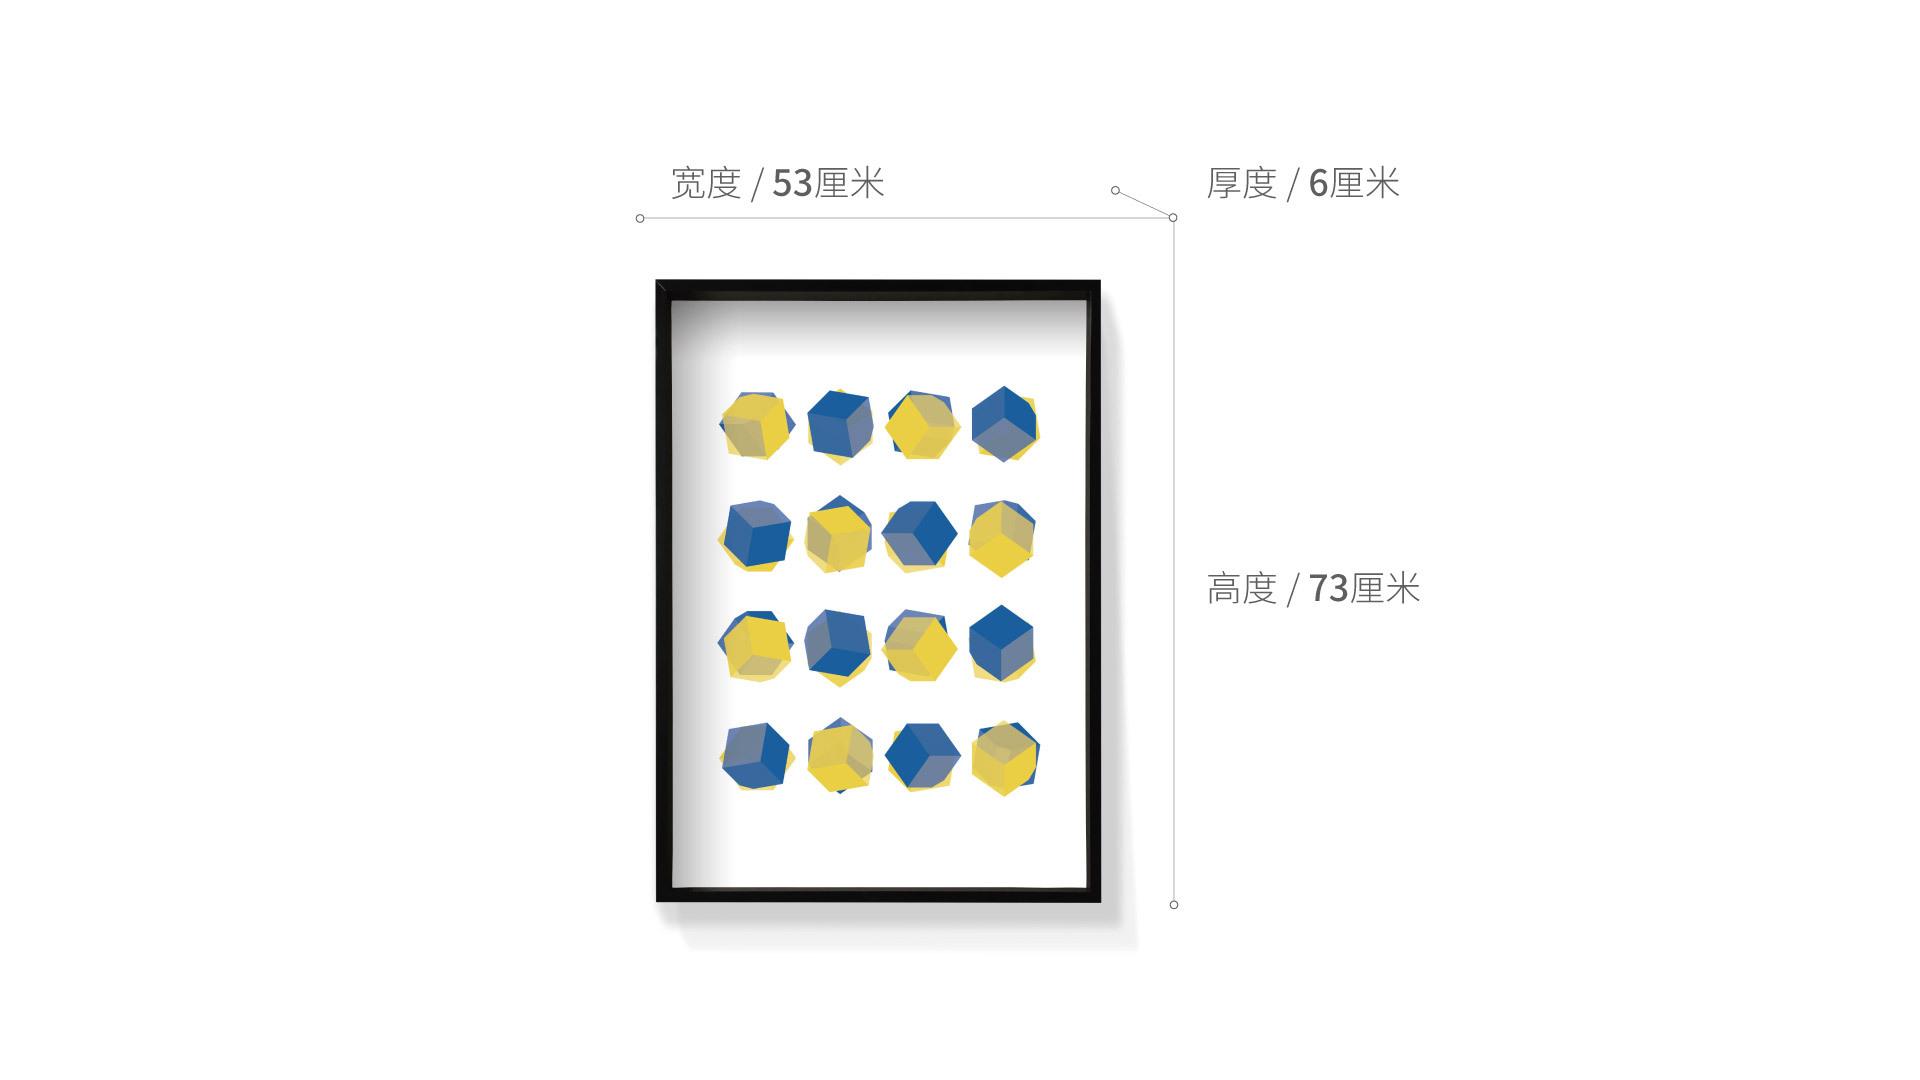 作画-骰子系列黑色框装饰效果图